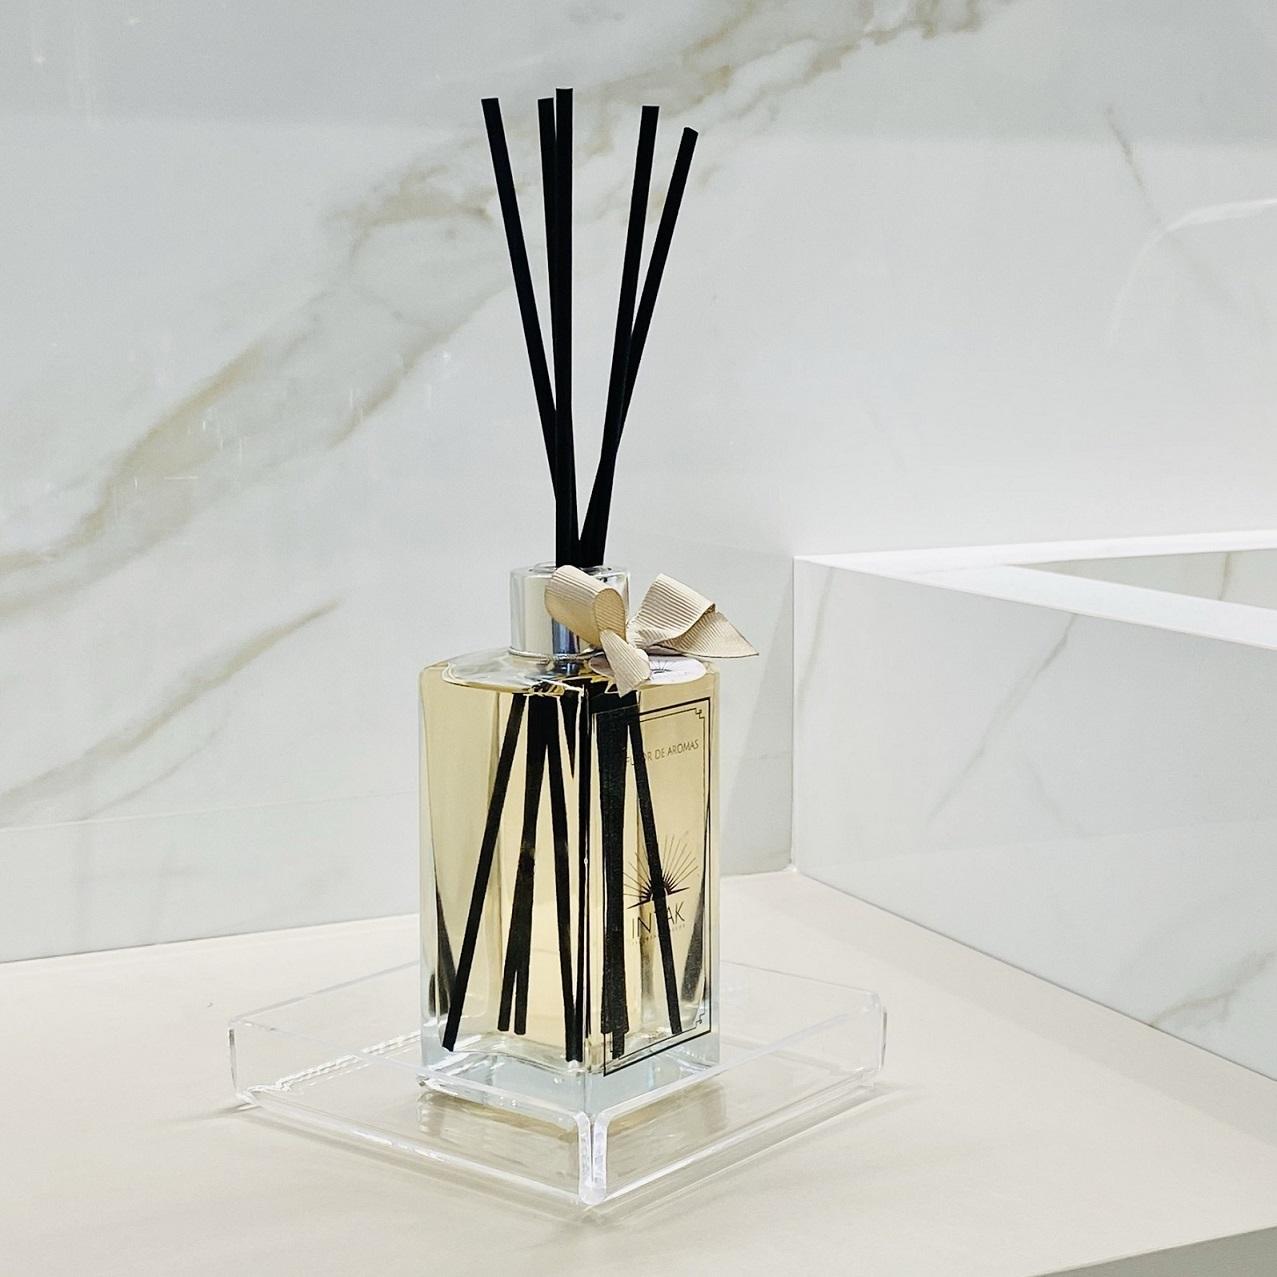 Kit Difusor de Aromas com Varetas 250ml e Bandeja em Acrílico - Vanilla